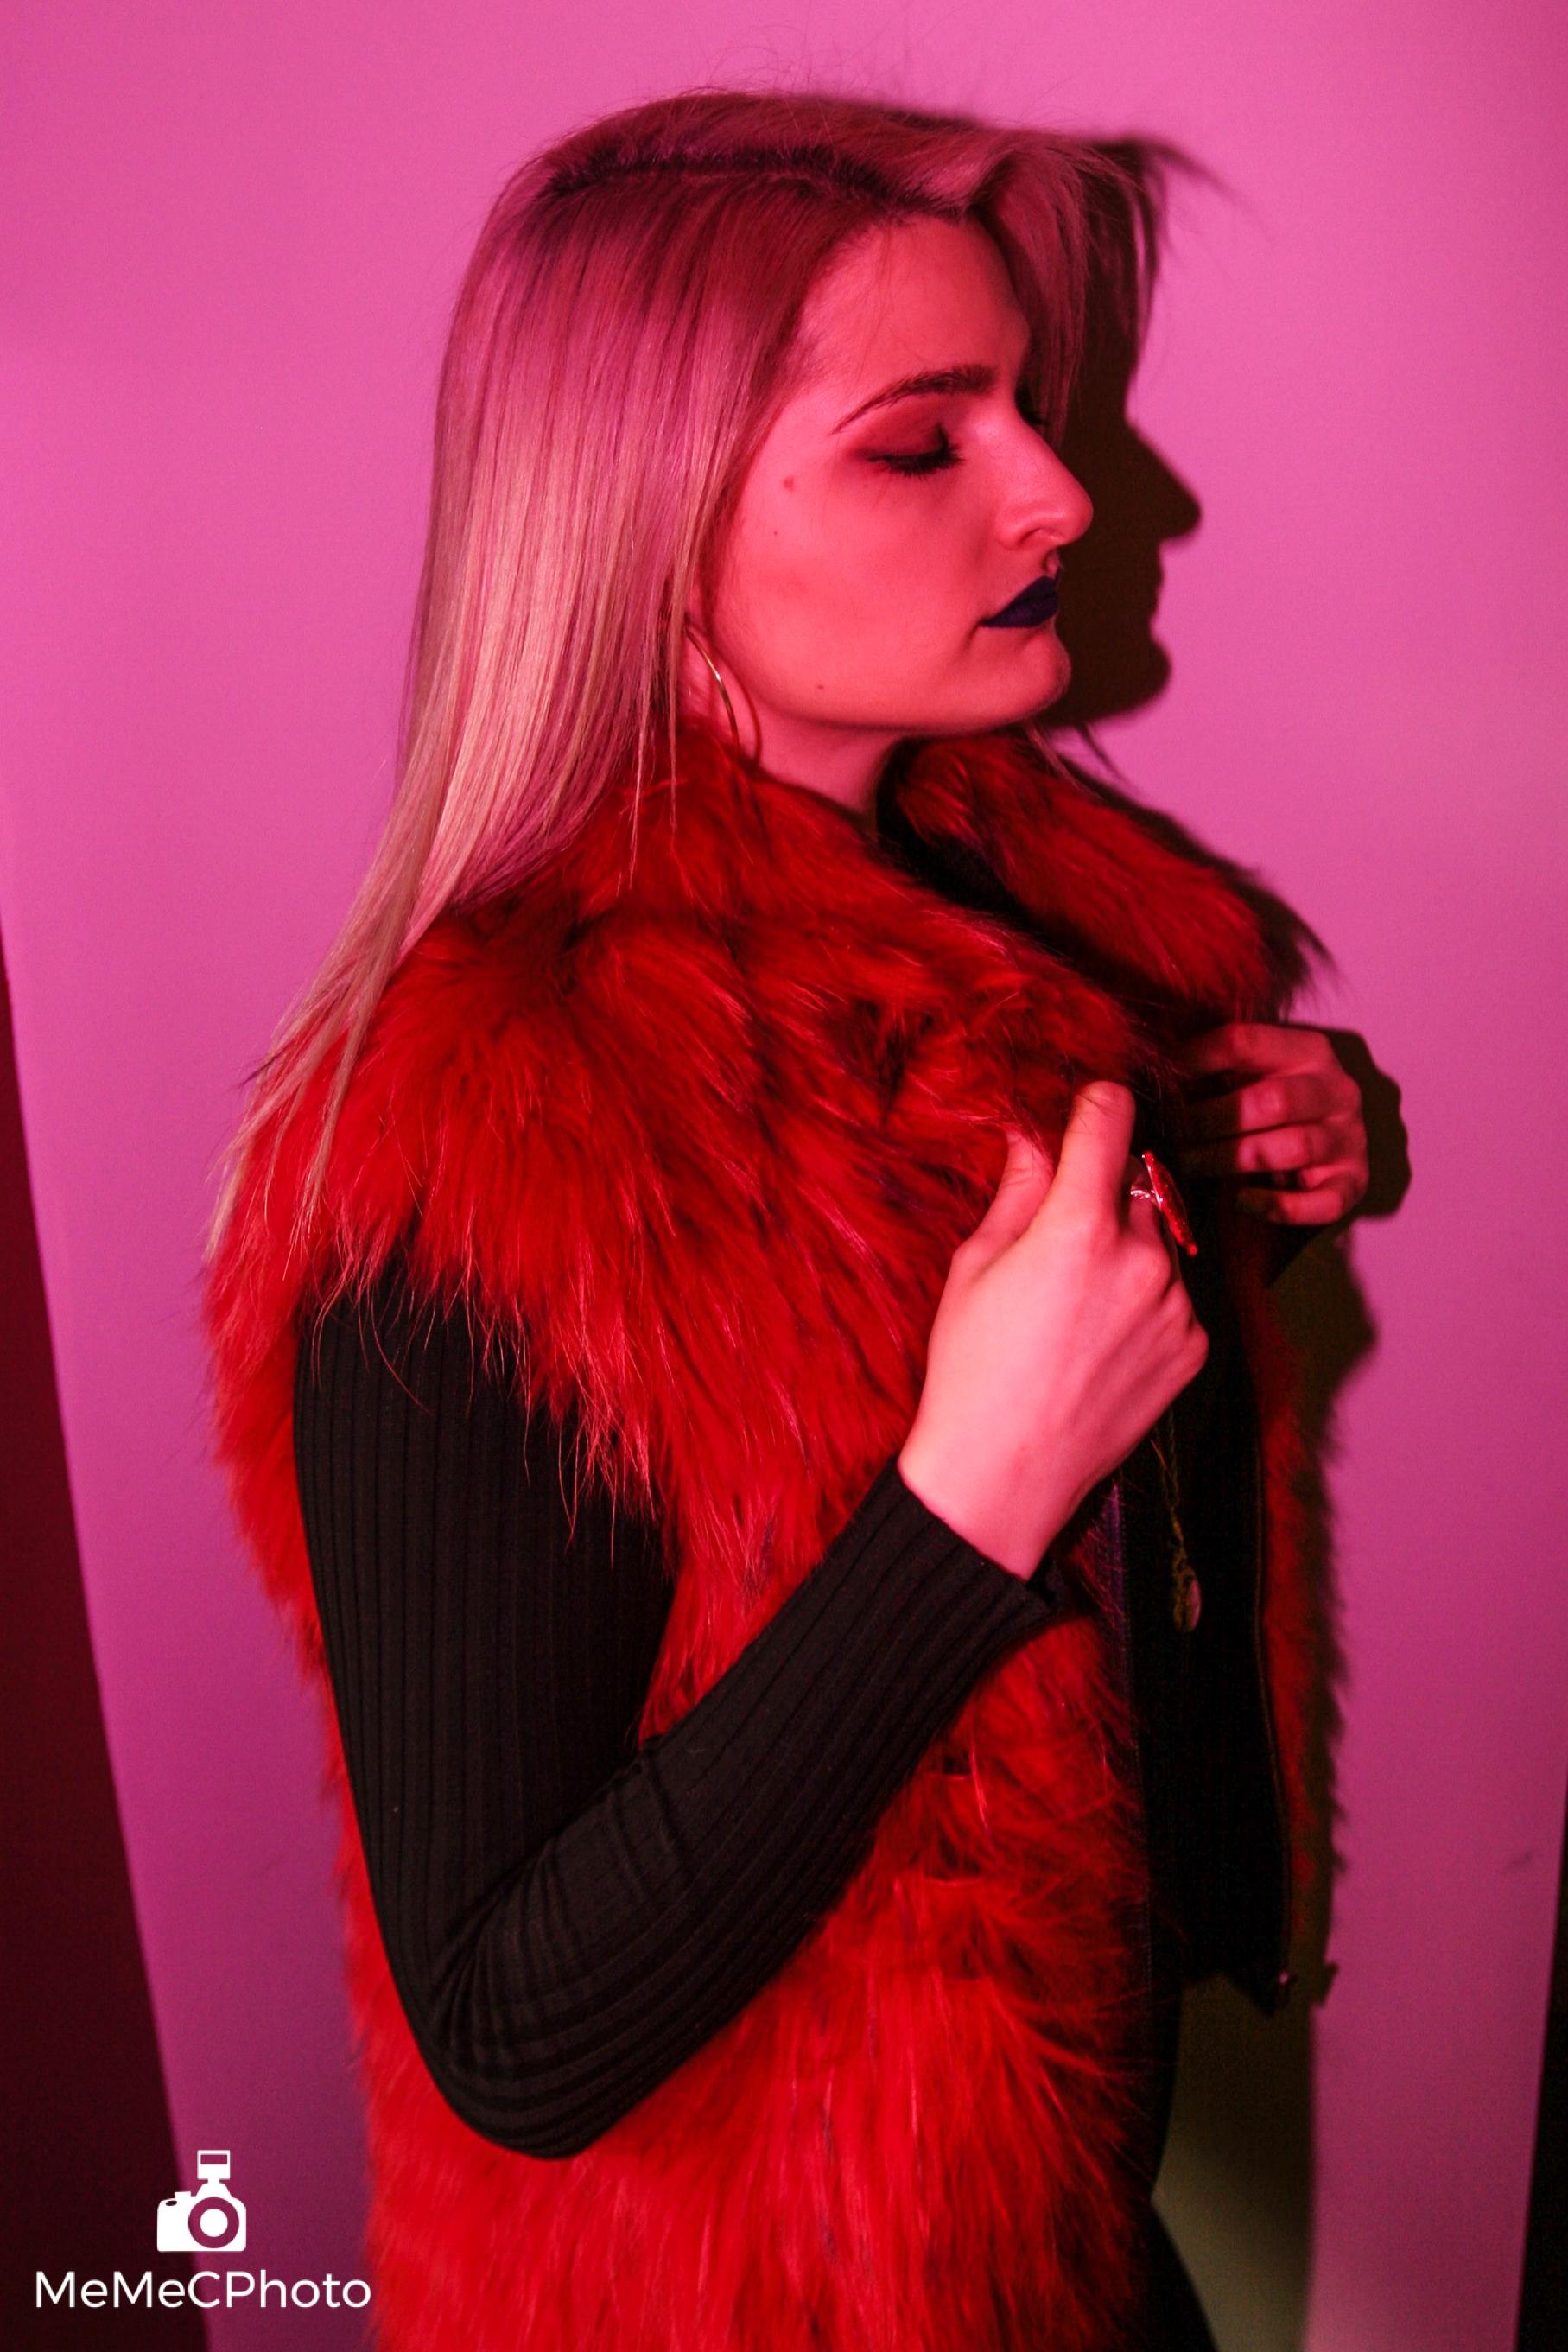 Hot Mess Emily Pink Series - 8-5.jpg